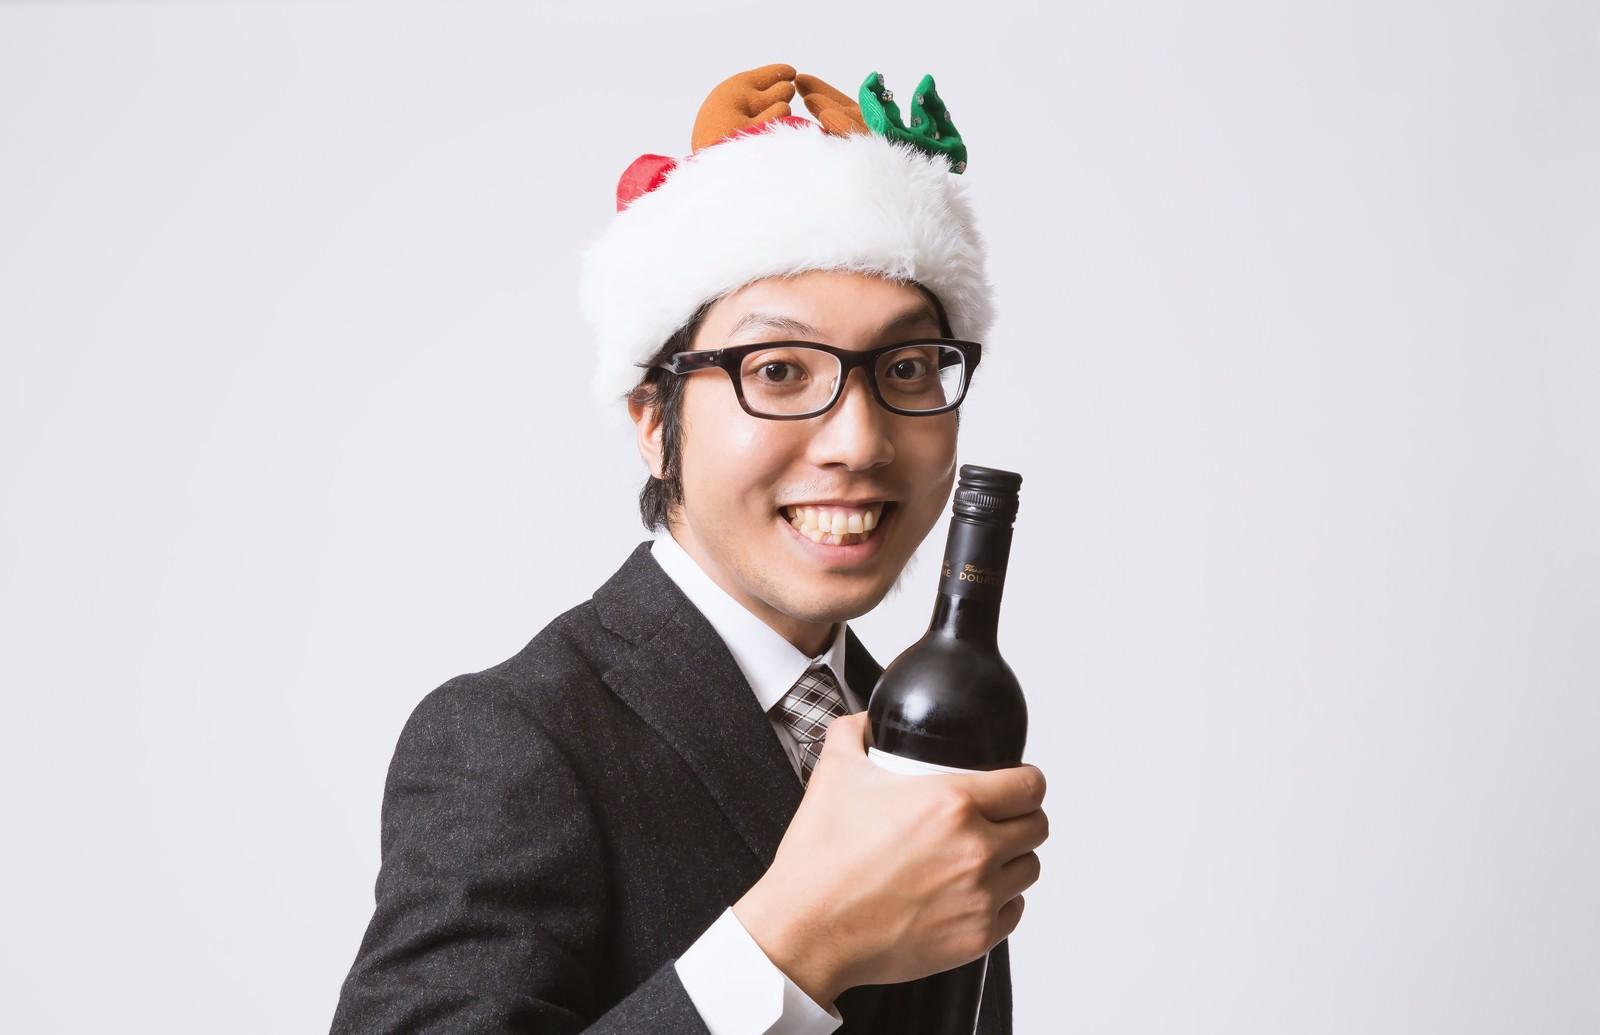 「サンタ帽を被ってワインボトルを握るサラリーマン」の写真[モデル:紳さん]